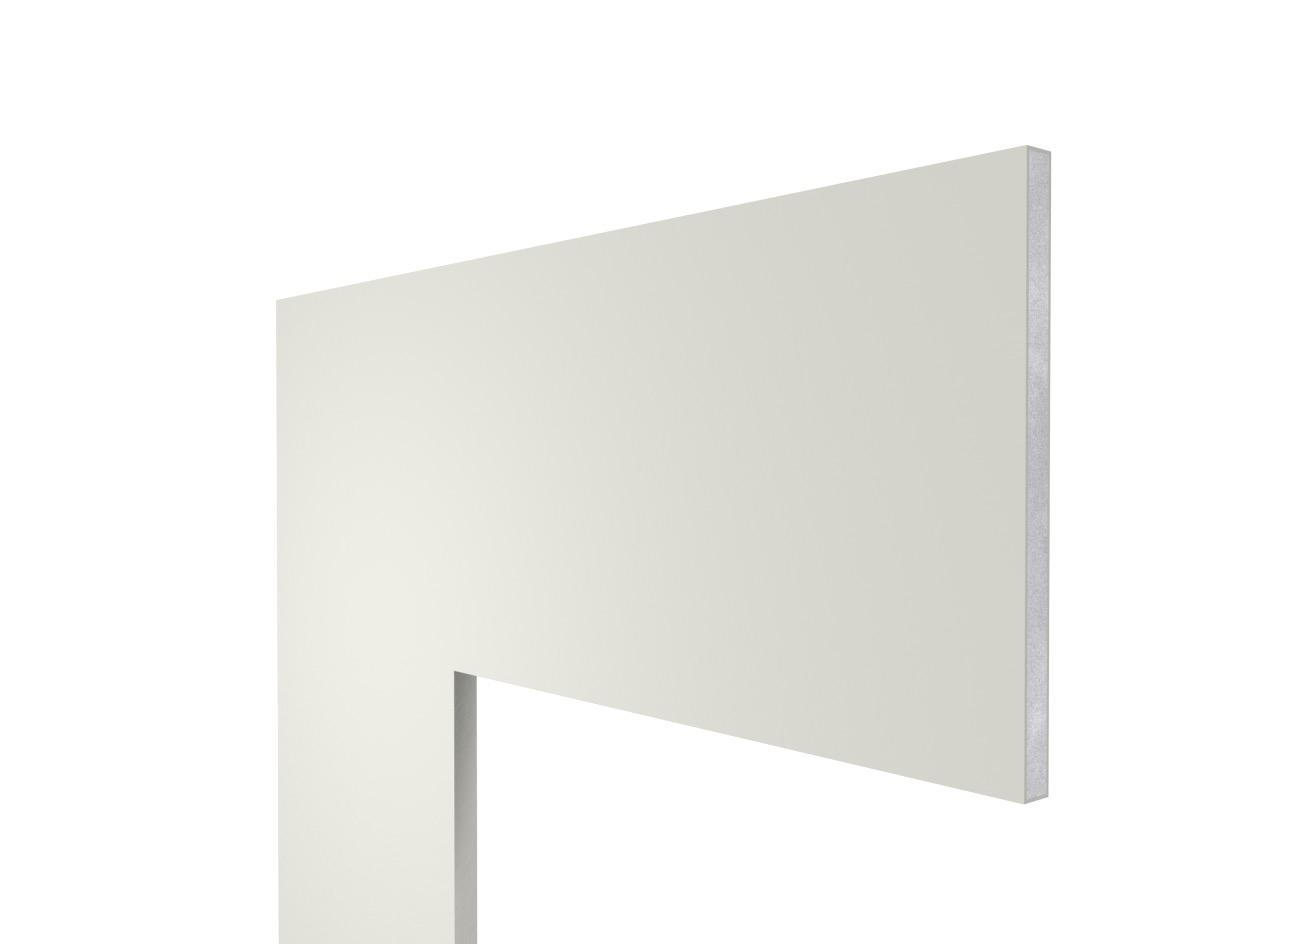 Fr 300 - Cornice in polistirene spalmato con graniglie - Decorget - Ital Decori - Image 0